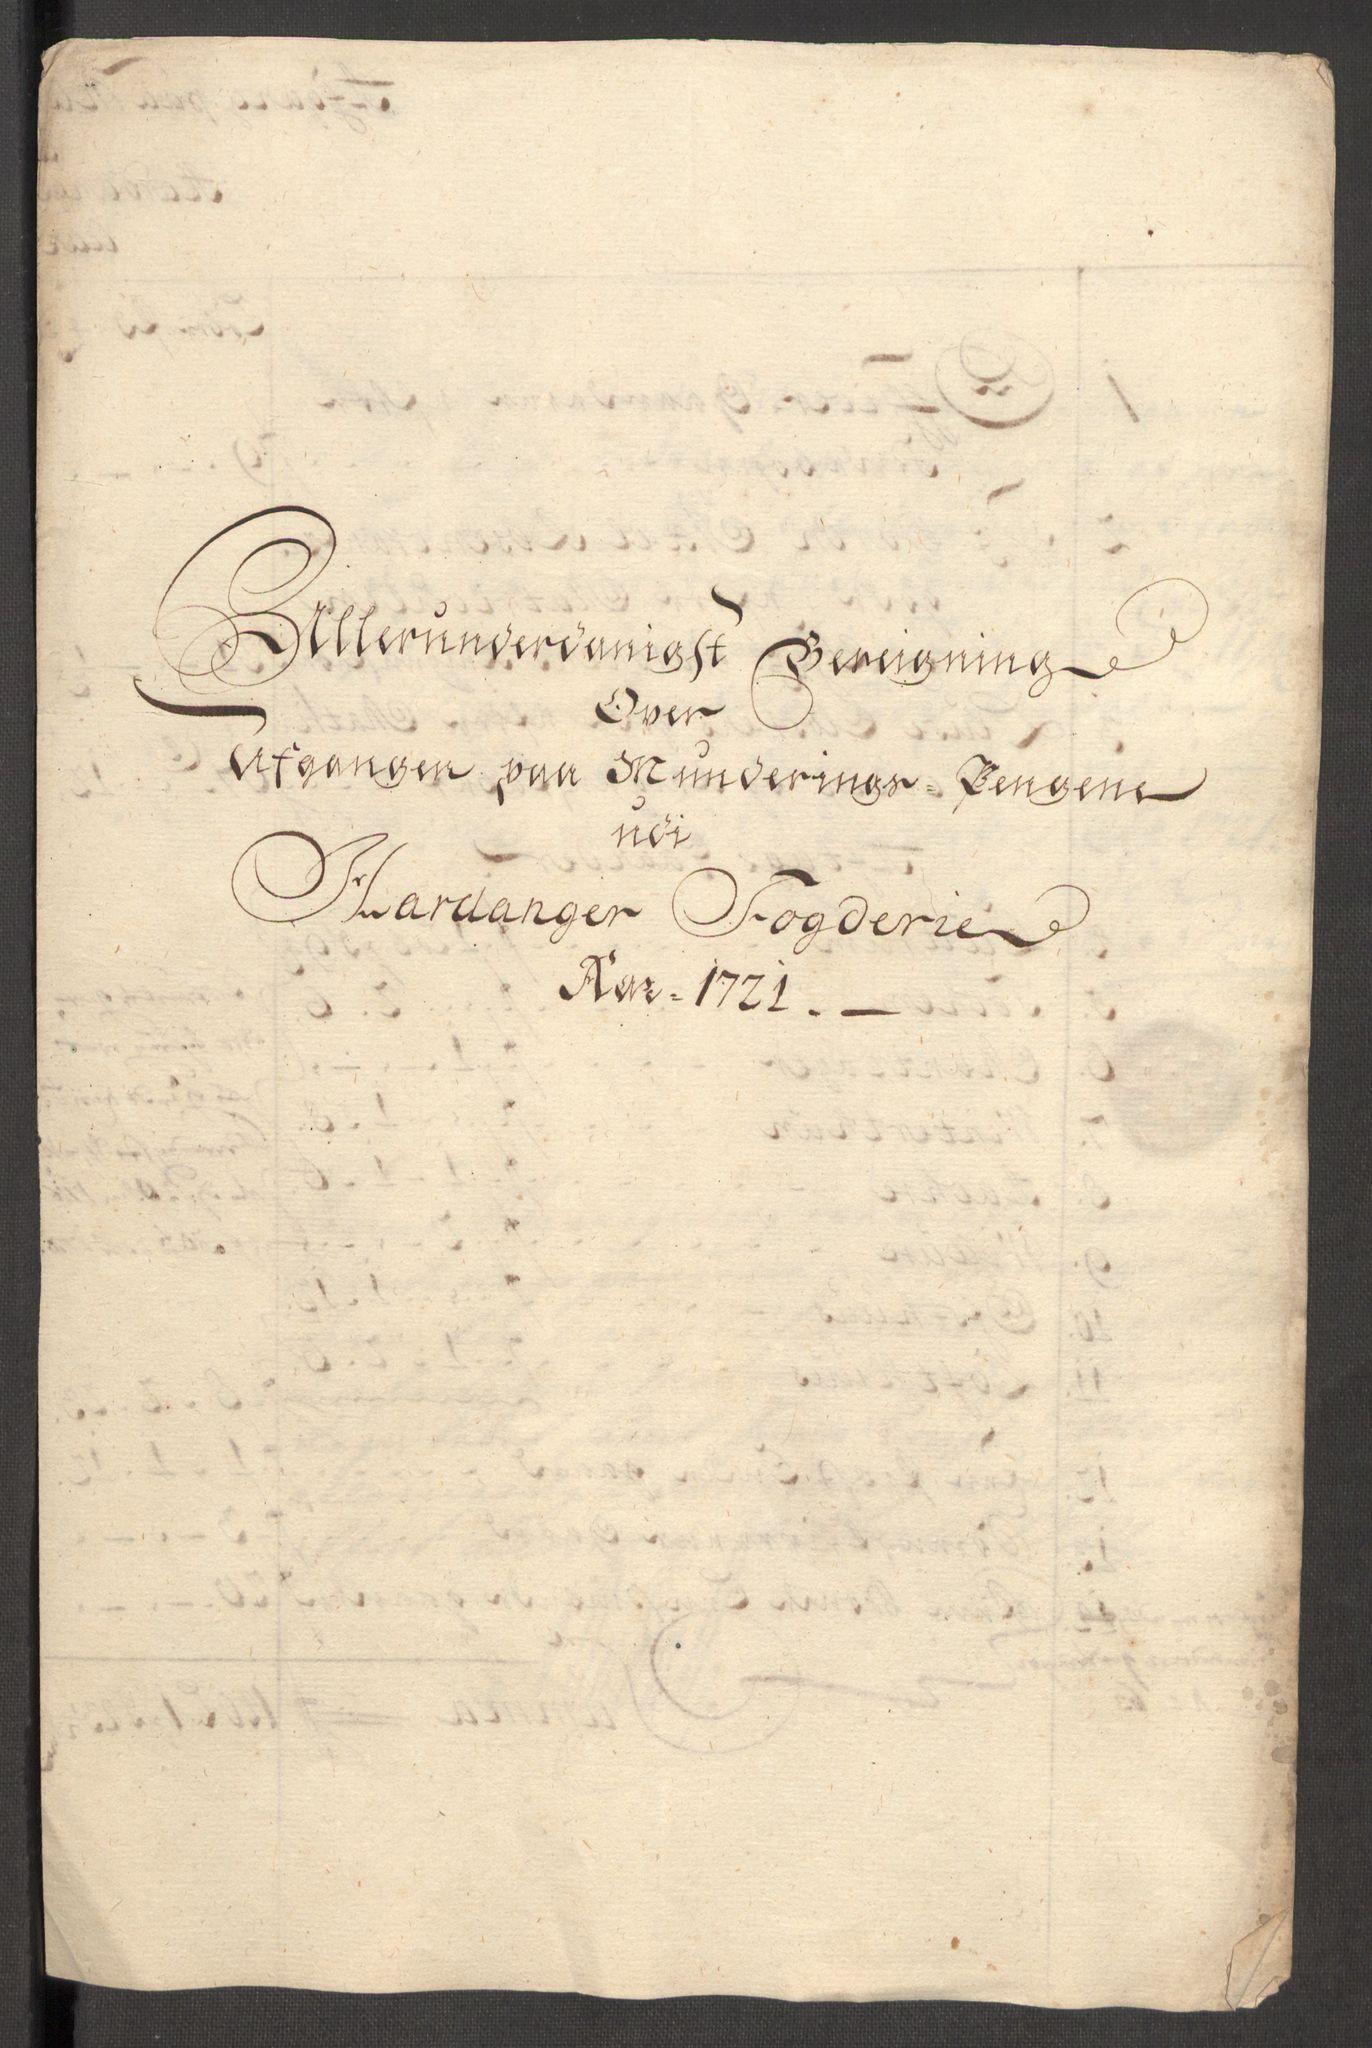 RA, Rentekammeret inntil 1814, Reviderte regnskaper, Fogderegnskap, R48/L3000: Fogderegnskap Sunnhordland og Hardanger, 1721, s. 382